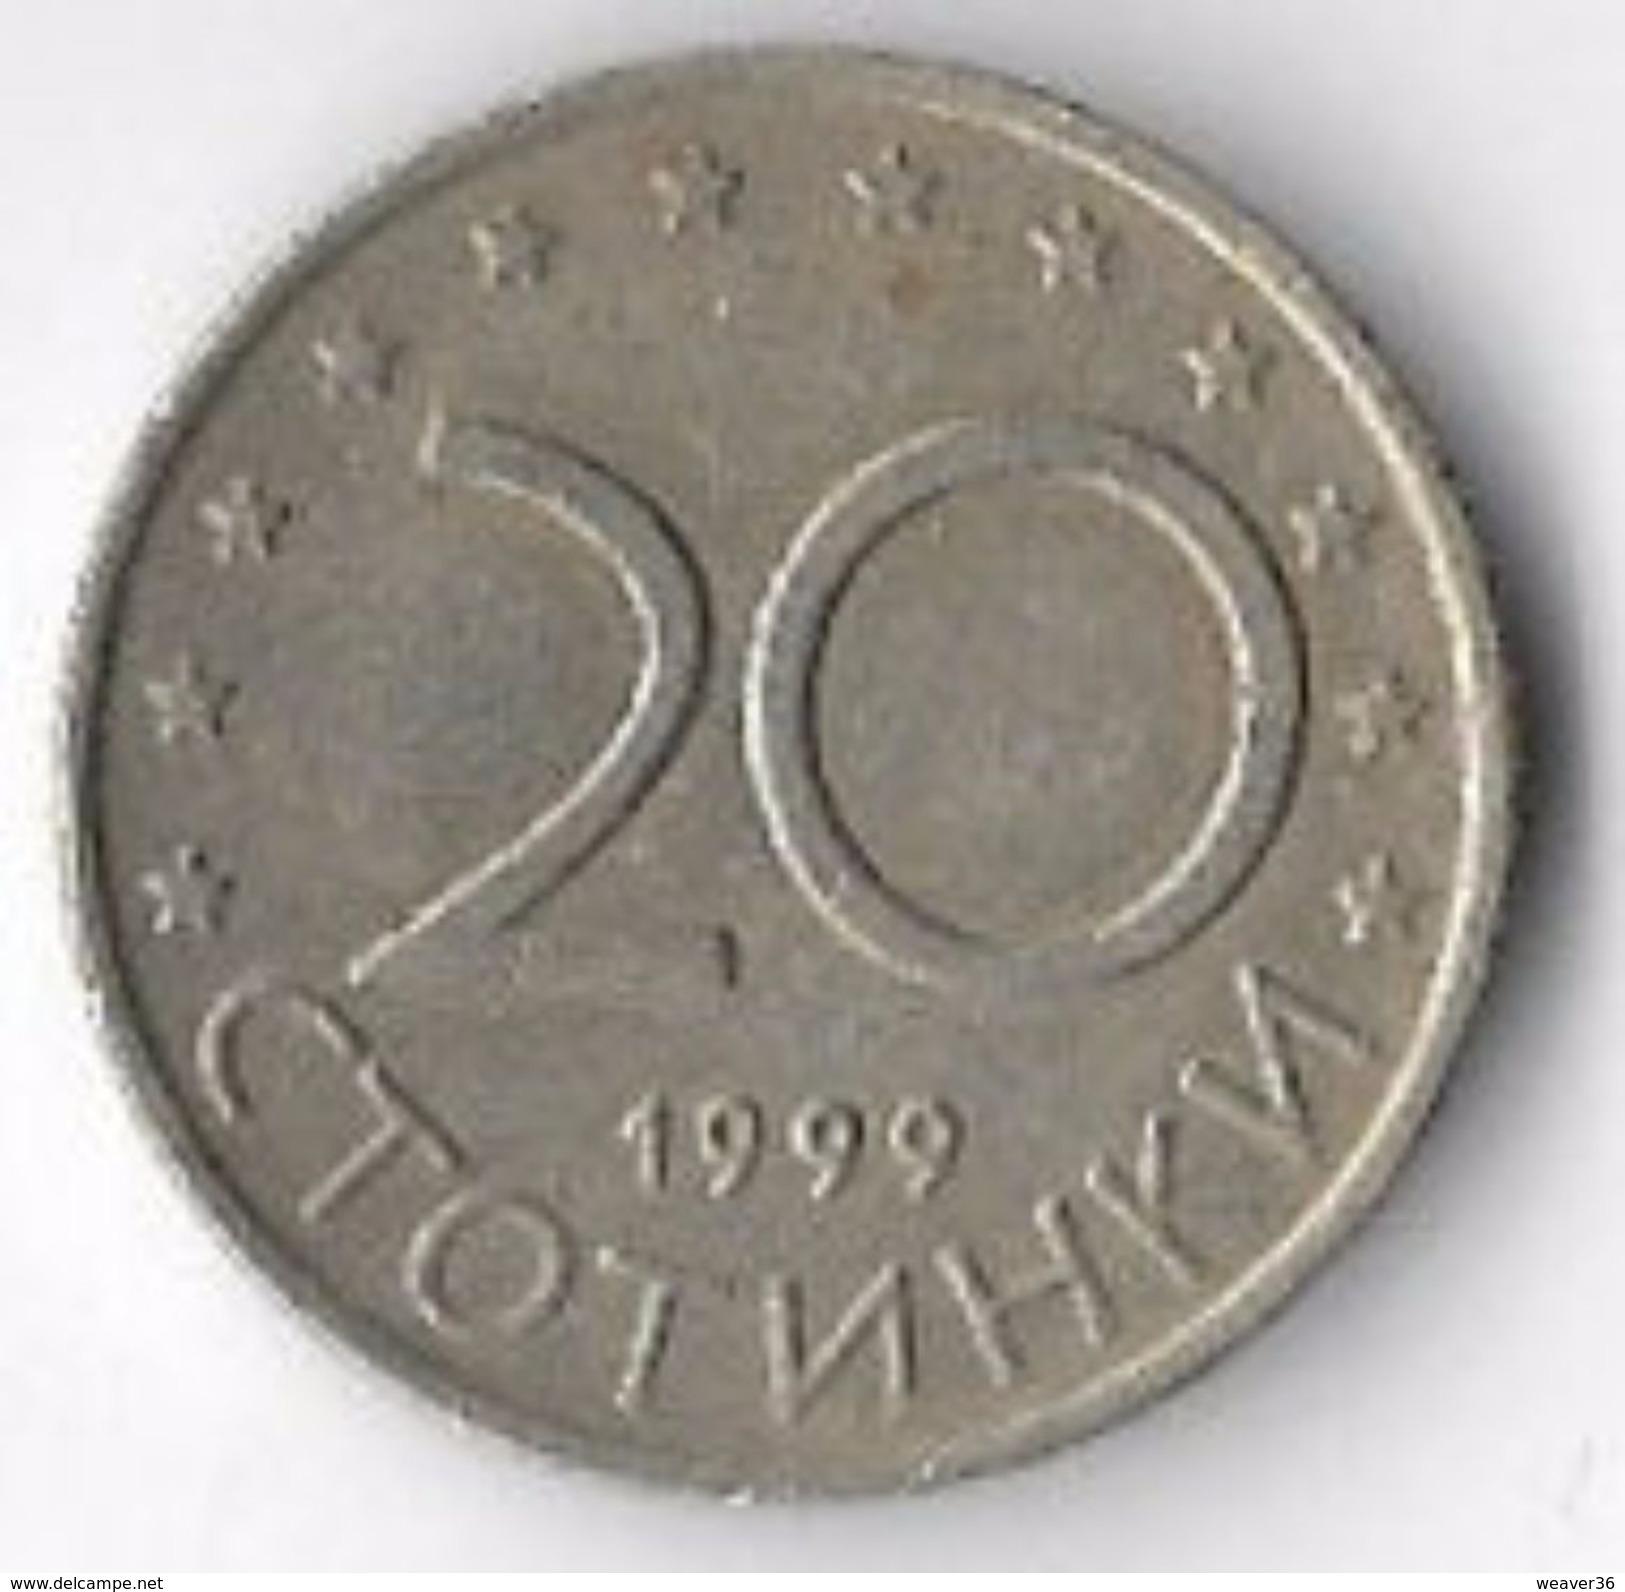 Bulgaria 1999 20 Stotinki [C727/2D] - Bulgaria